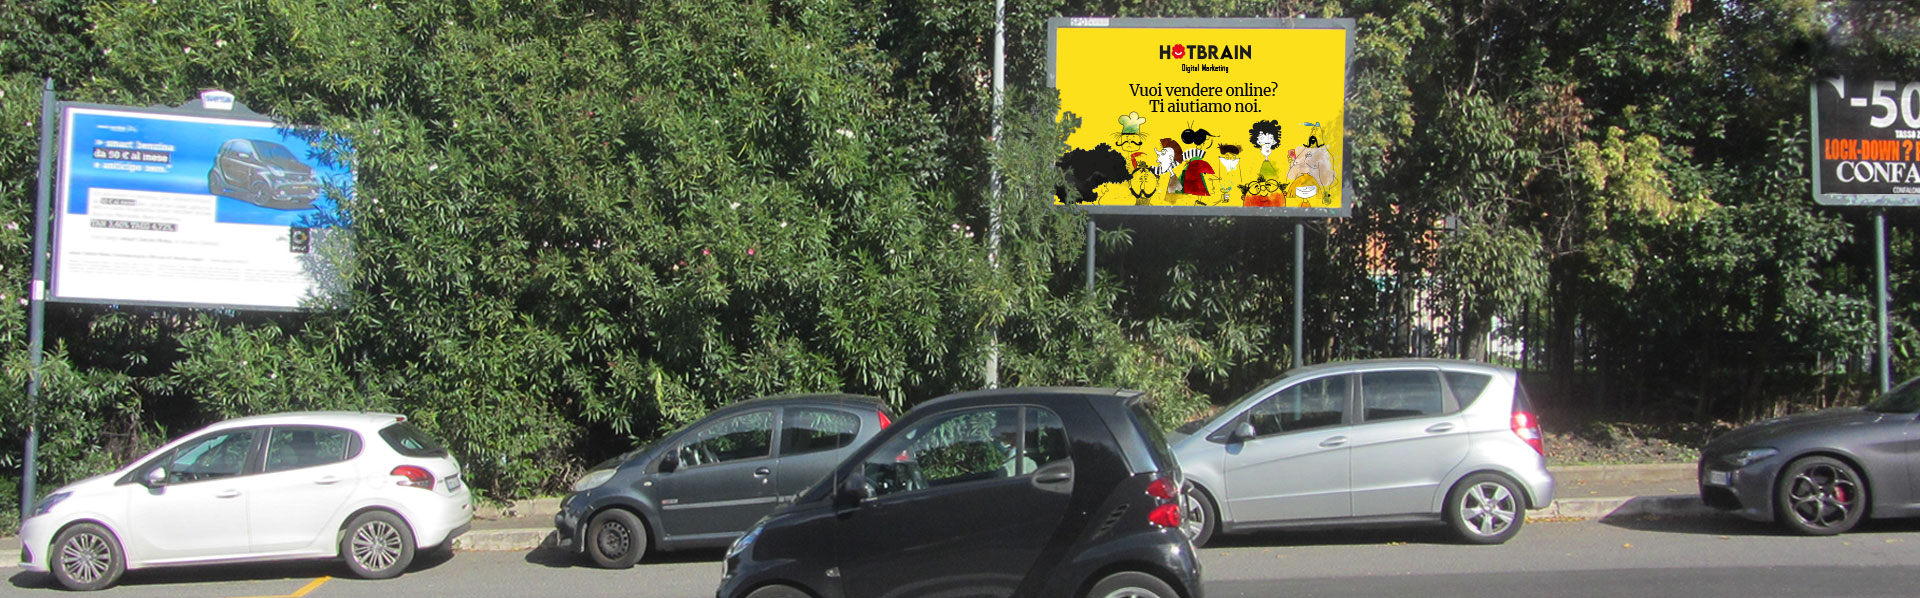 Hotbrain pubblicità Roma